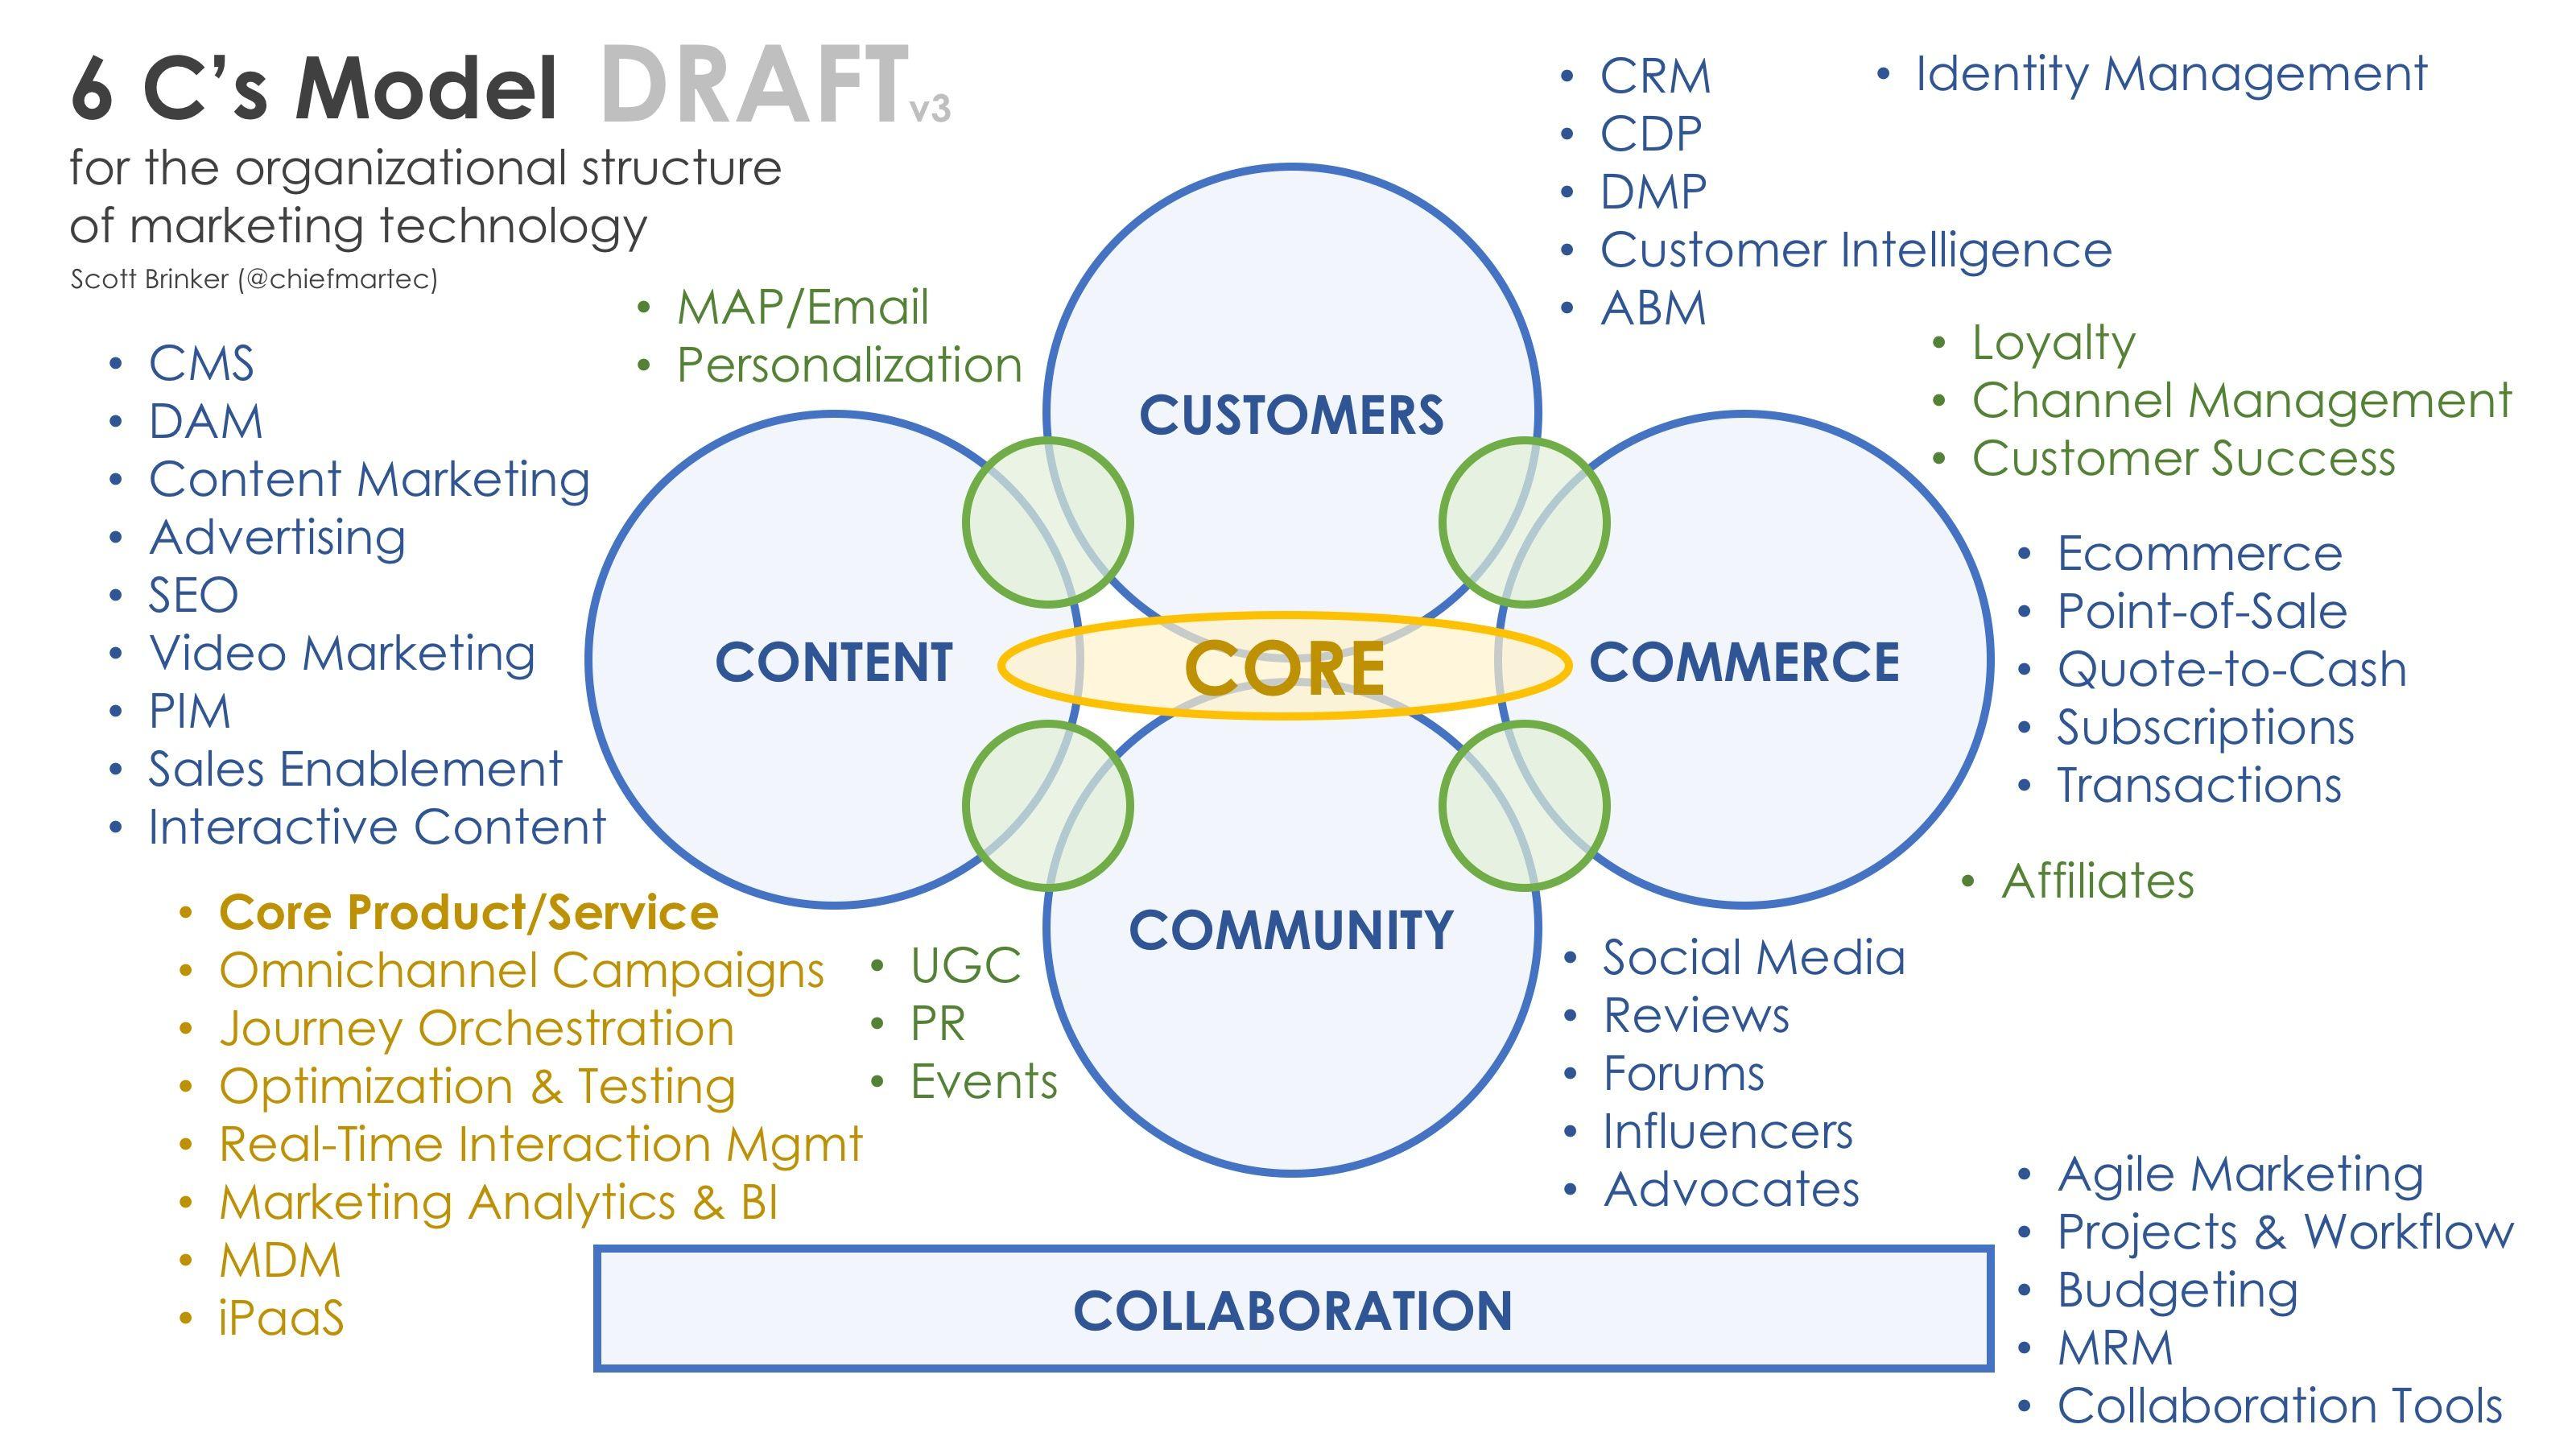 6C's Model of Organizing Marketing Technology | Marketing